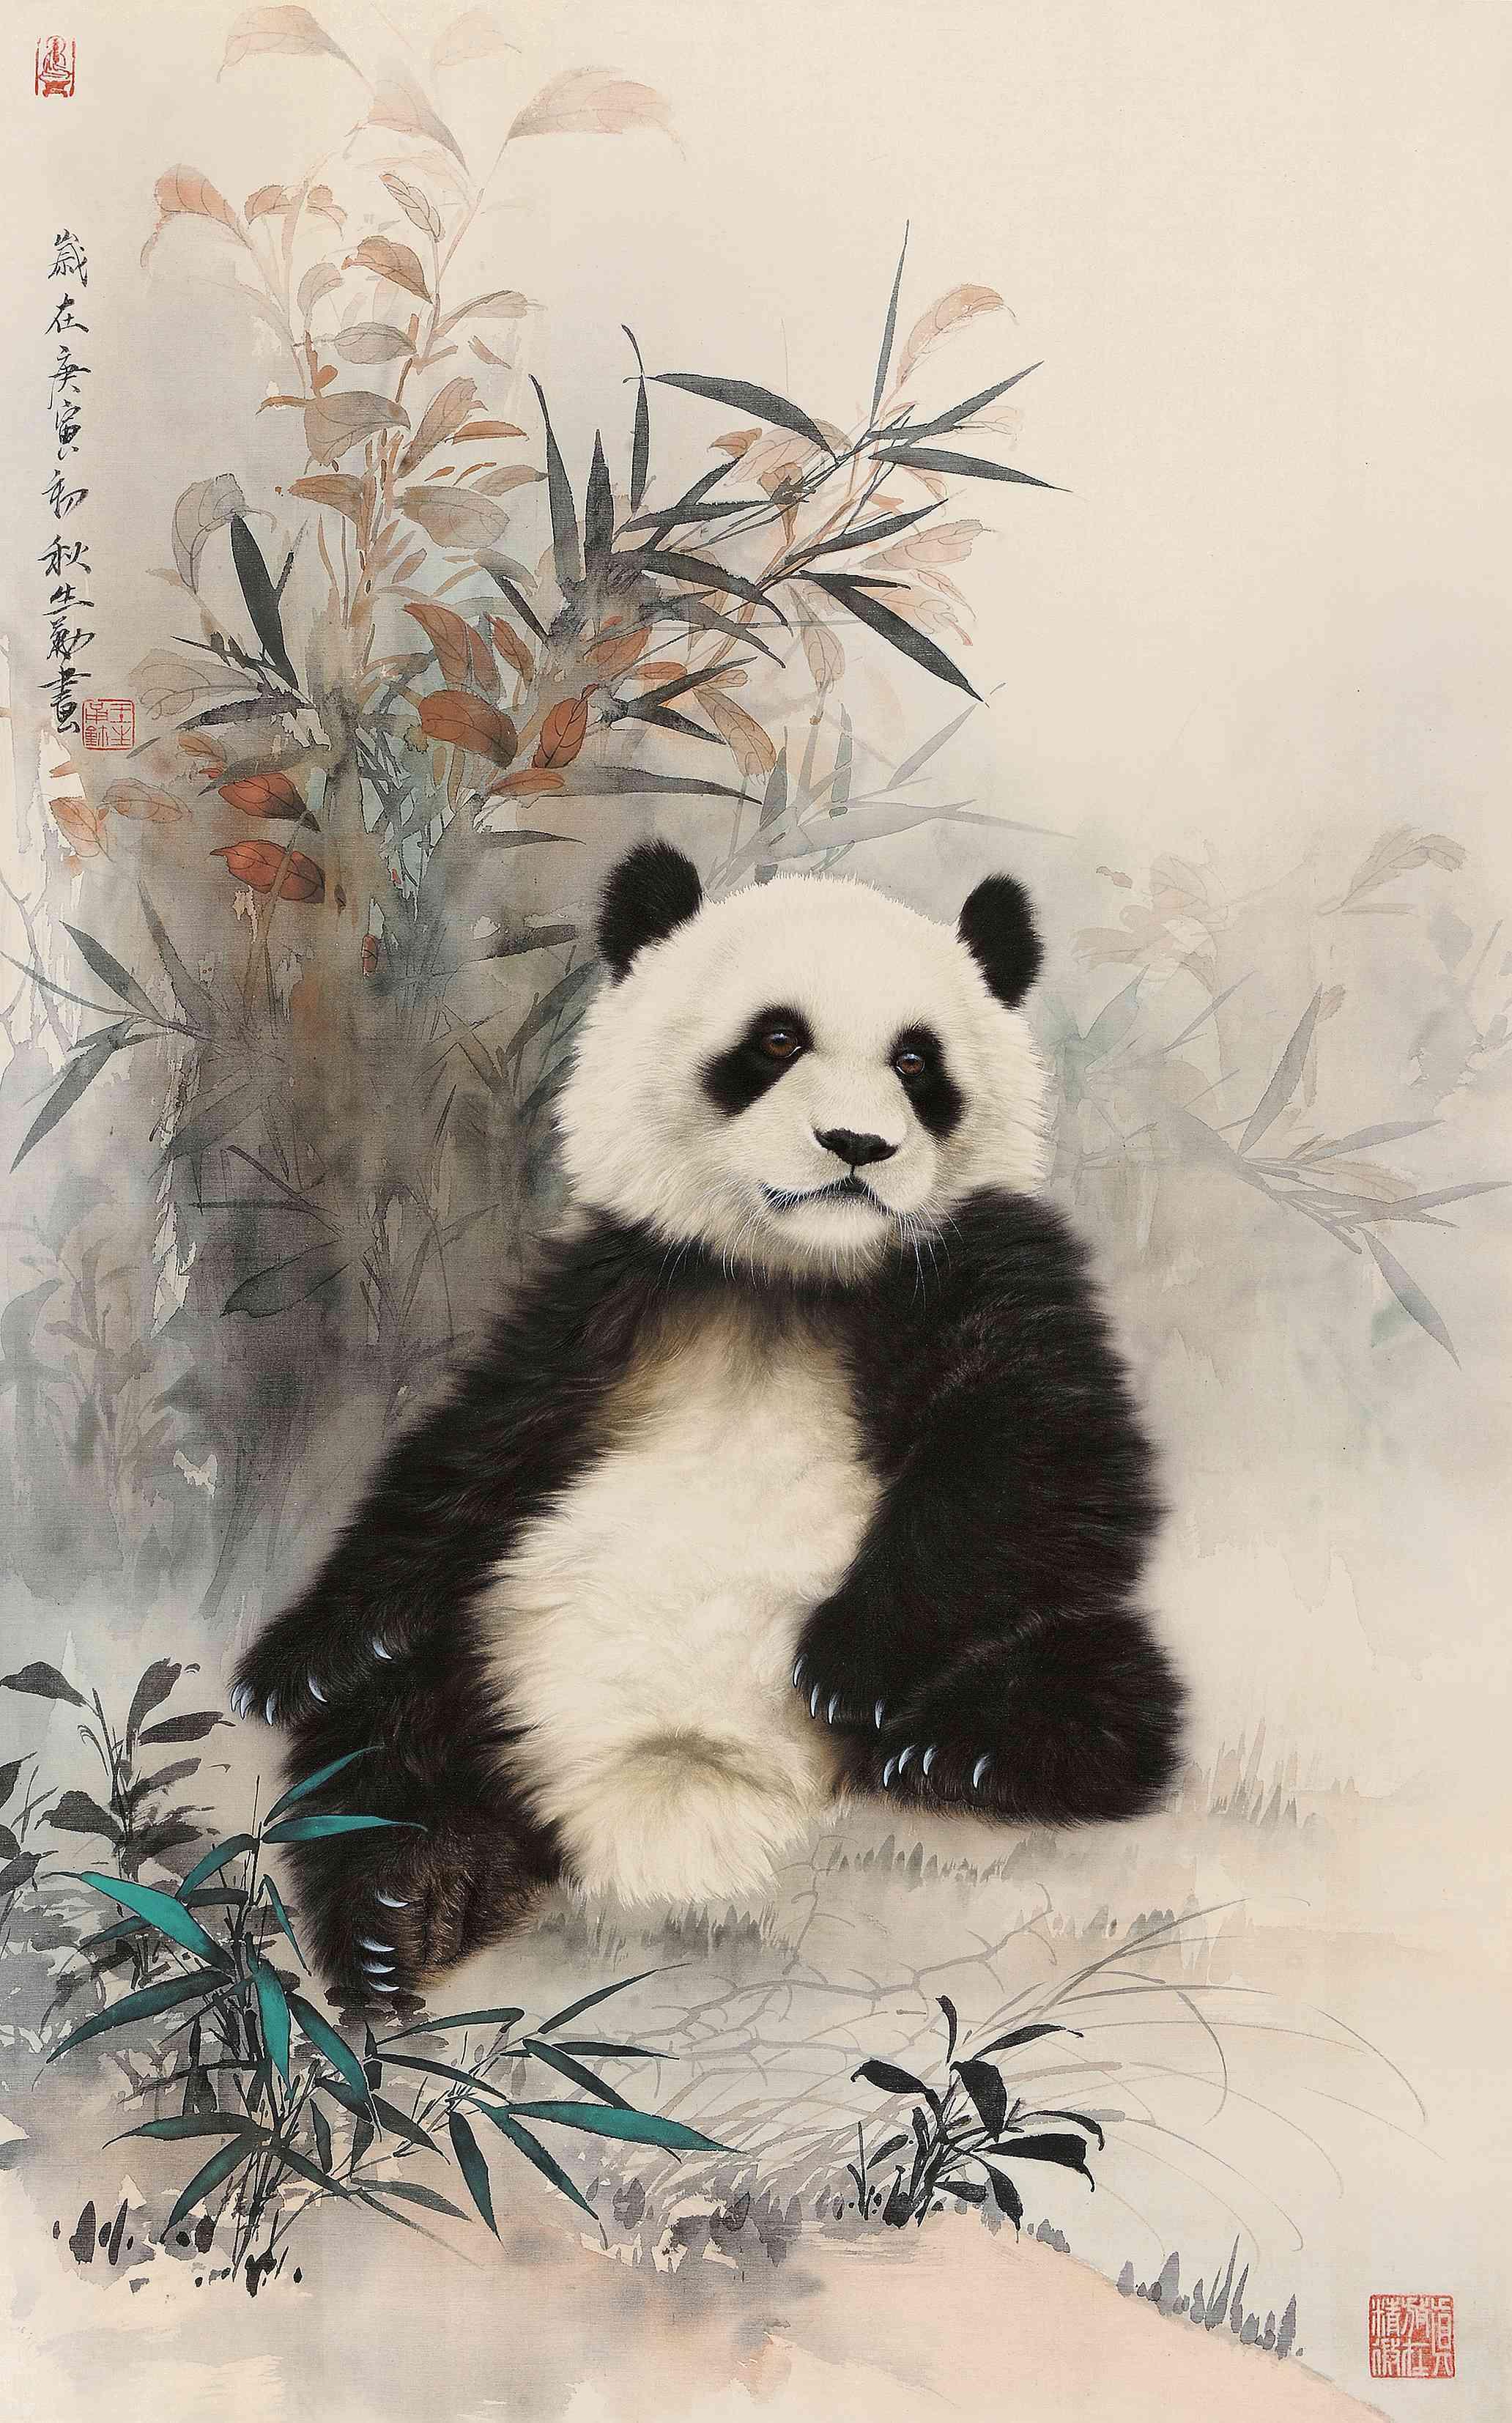 熊猫_熊猫图片,鉴赏,作品_新浪美术馆_新浪网